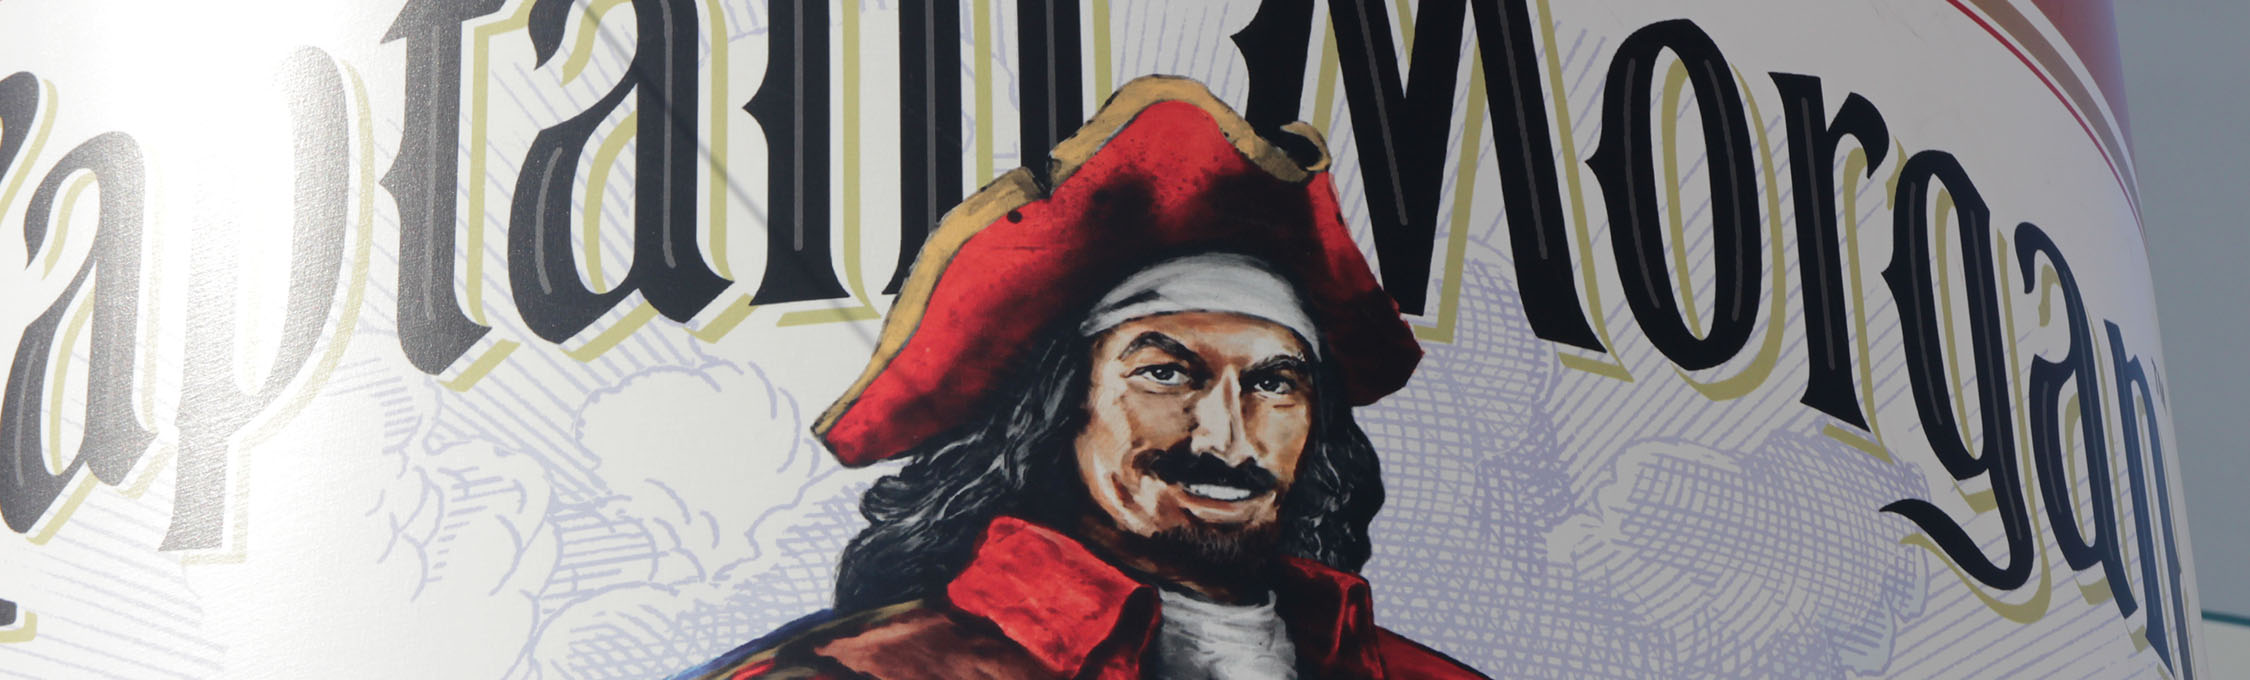 captain-morgan-rum-inflatable